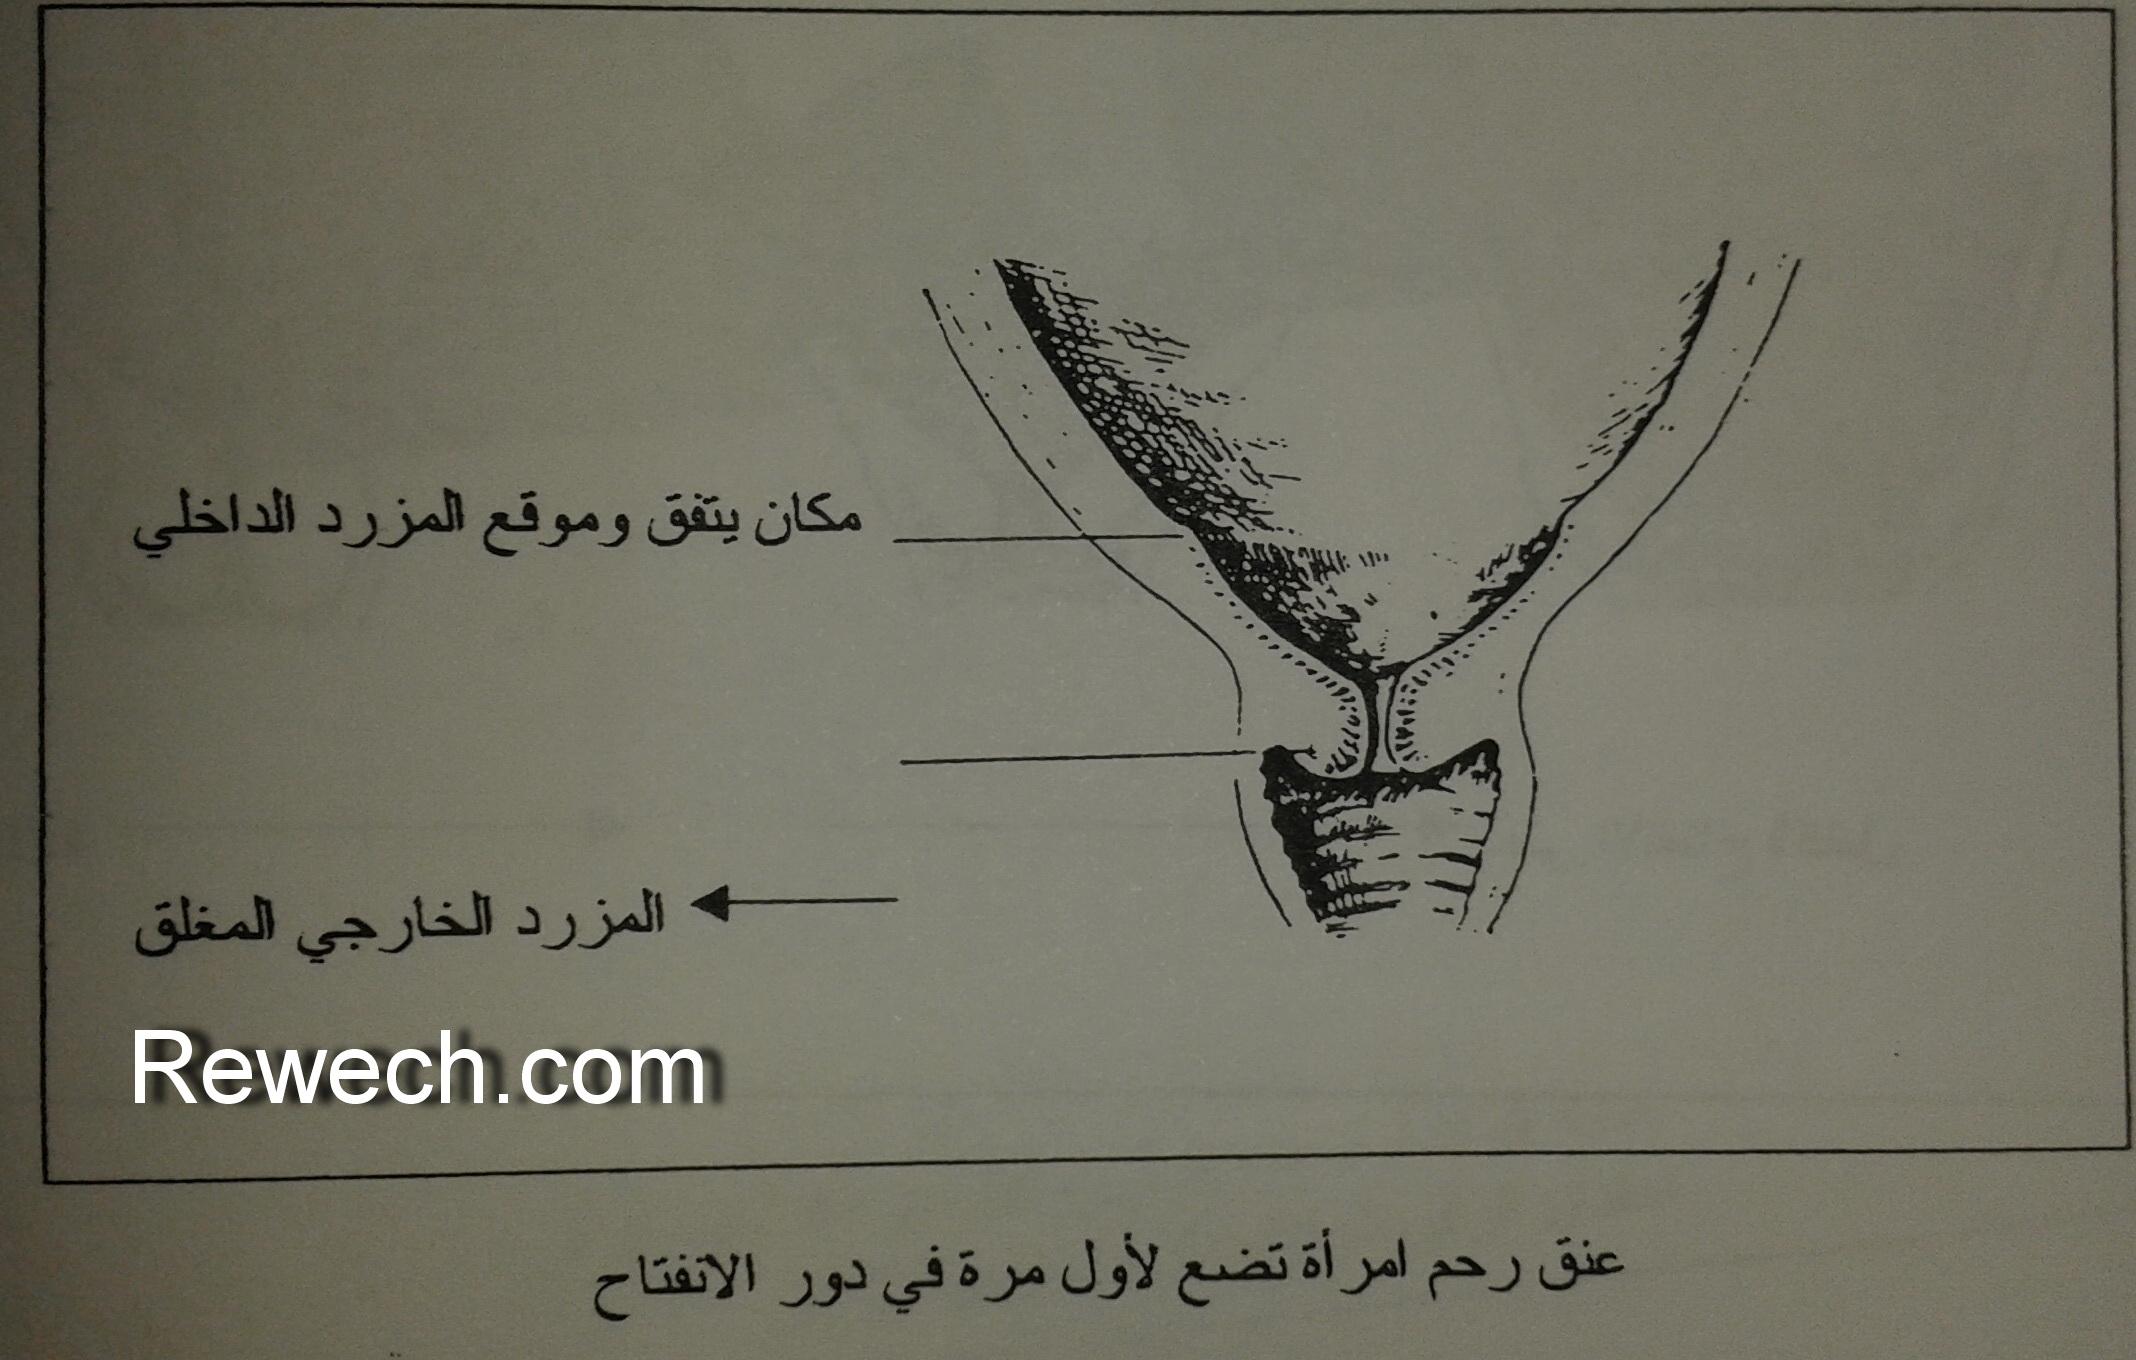 عنق رحم امرأة تضع لأول مرة في دور الانتفاخ